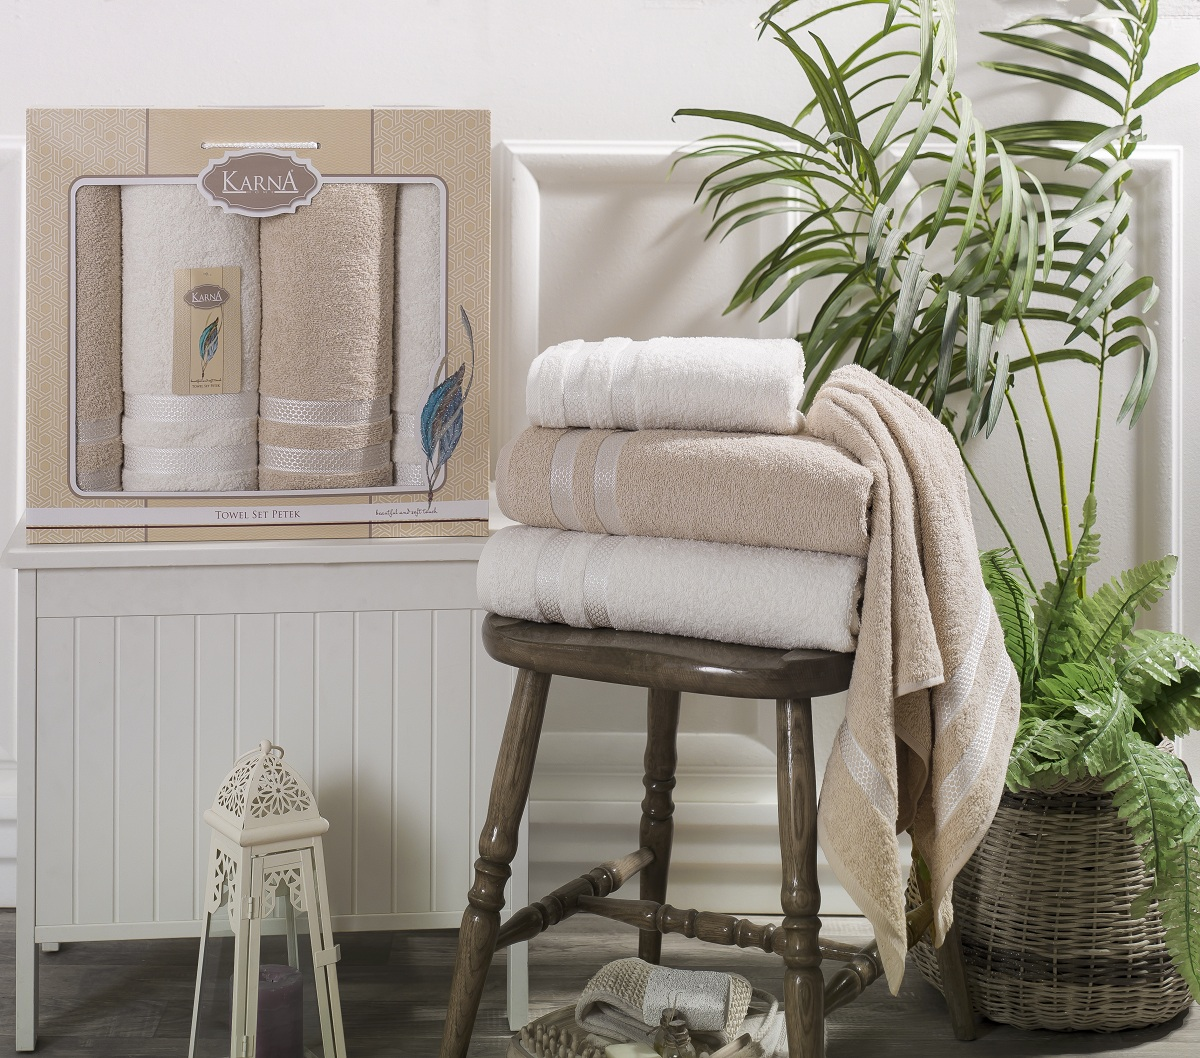 Полотенца Karna Полотенце Petek Цвет: Кремовый, Бежевый (Набор) полотенца karna полотенце petek цвет кремовый синий набор